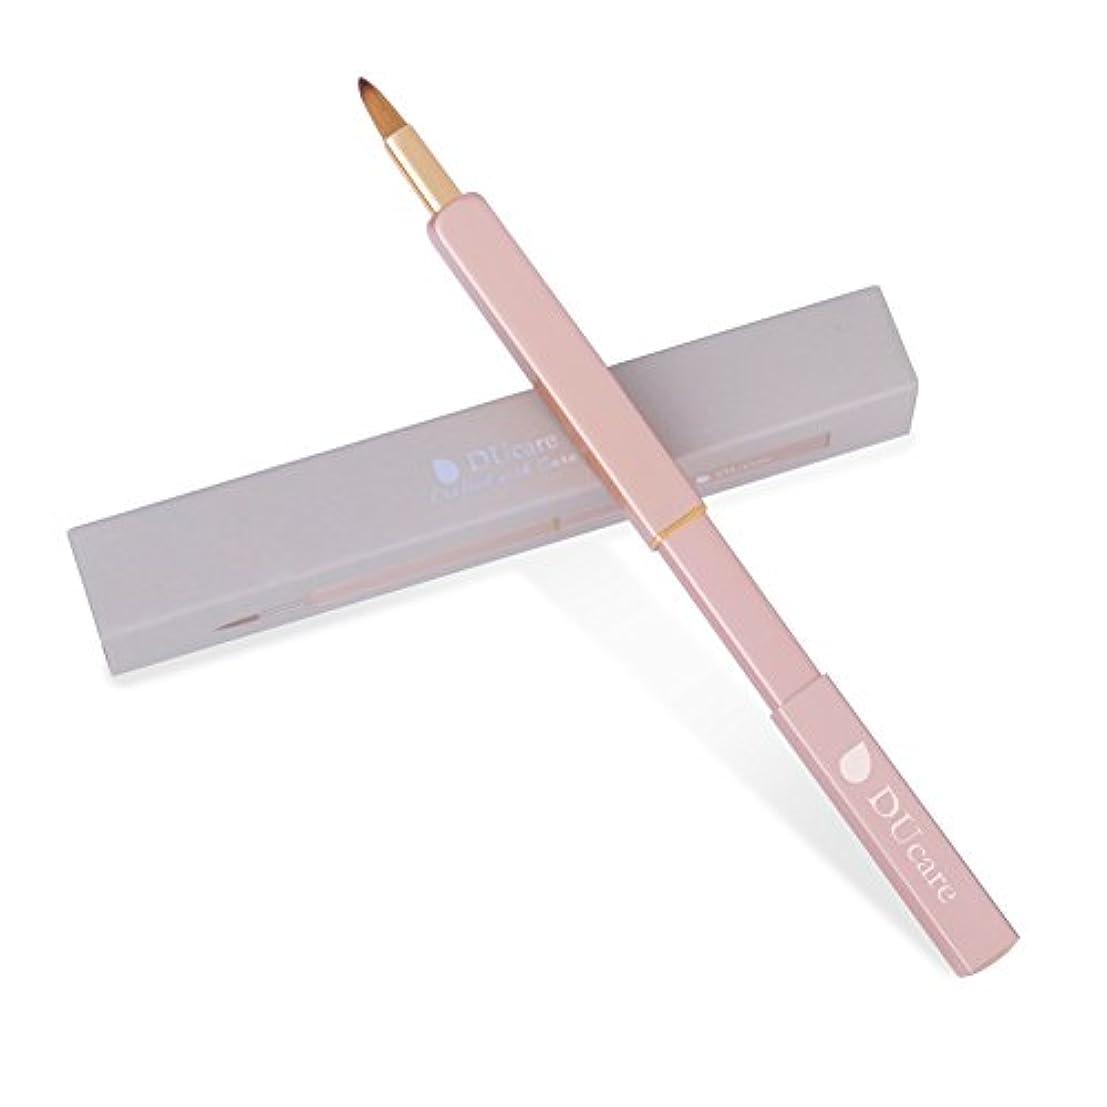 北へペインティングに関してDUcare ドゥケア 化粧筆 携帯用リップブラシ スライド式 ゴージャズなシャンペン色 欧米セレブの間で爆発的な人気を呼んでいる